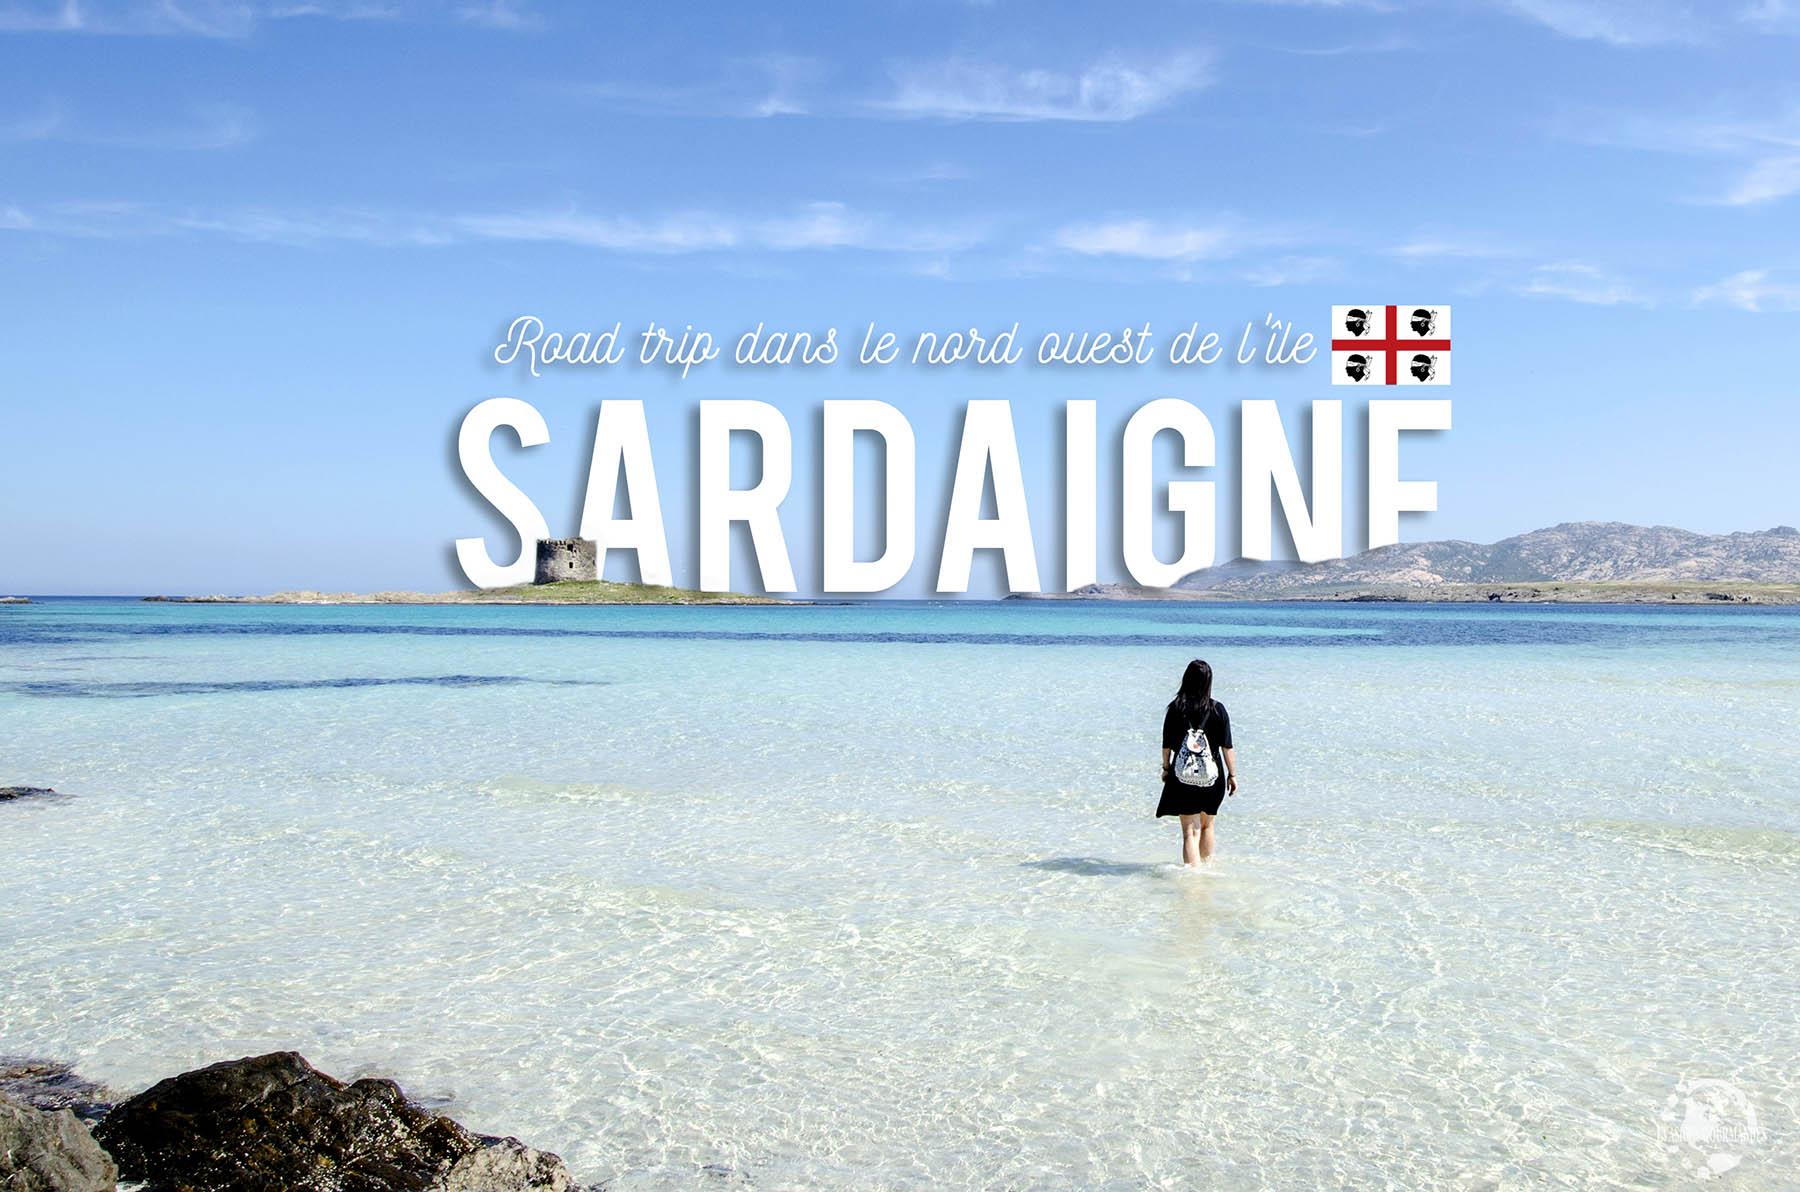 Road trip nord ouest de la Sardaigne